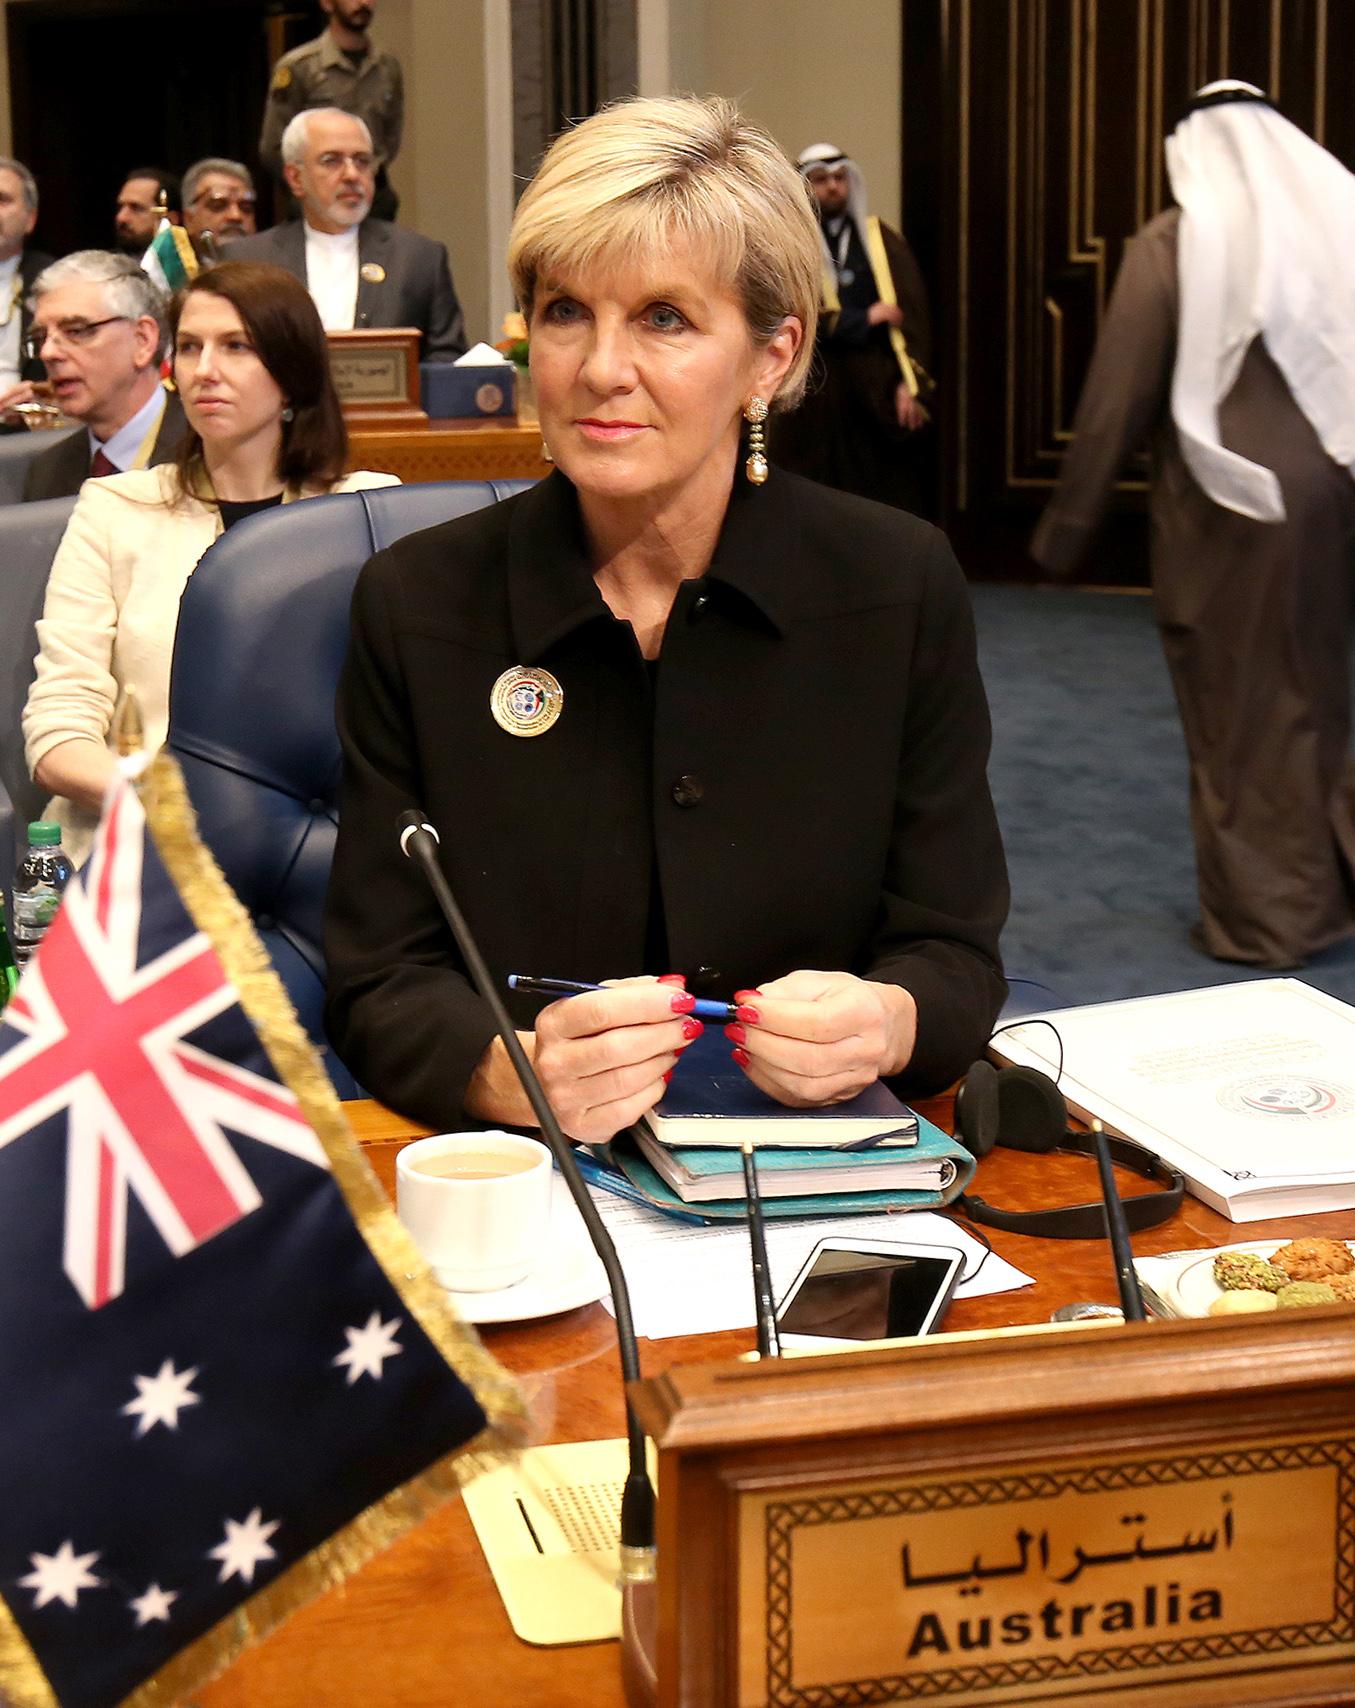 وزيرة الخارجية الاسترالية جولي بيشوب